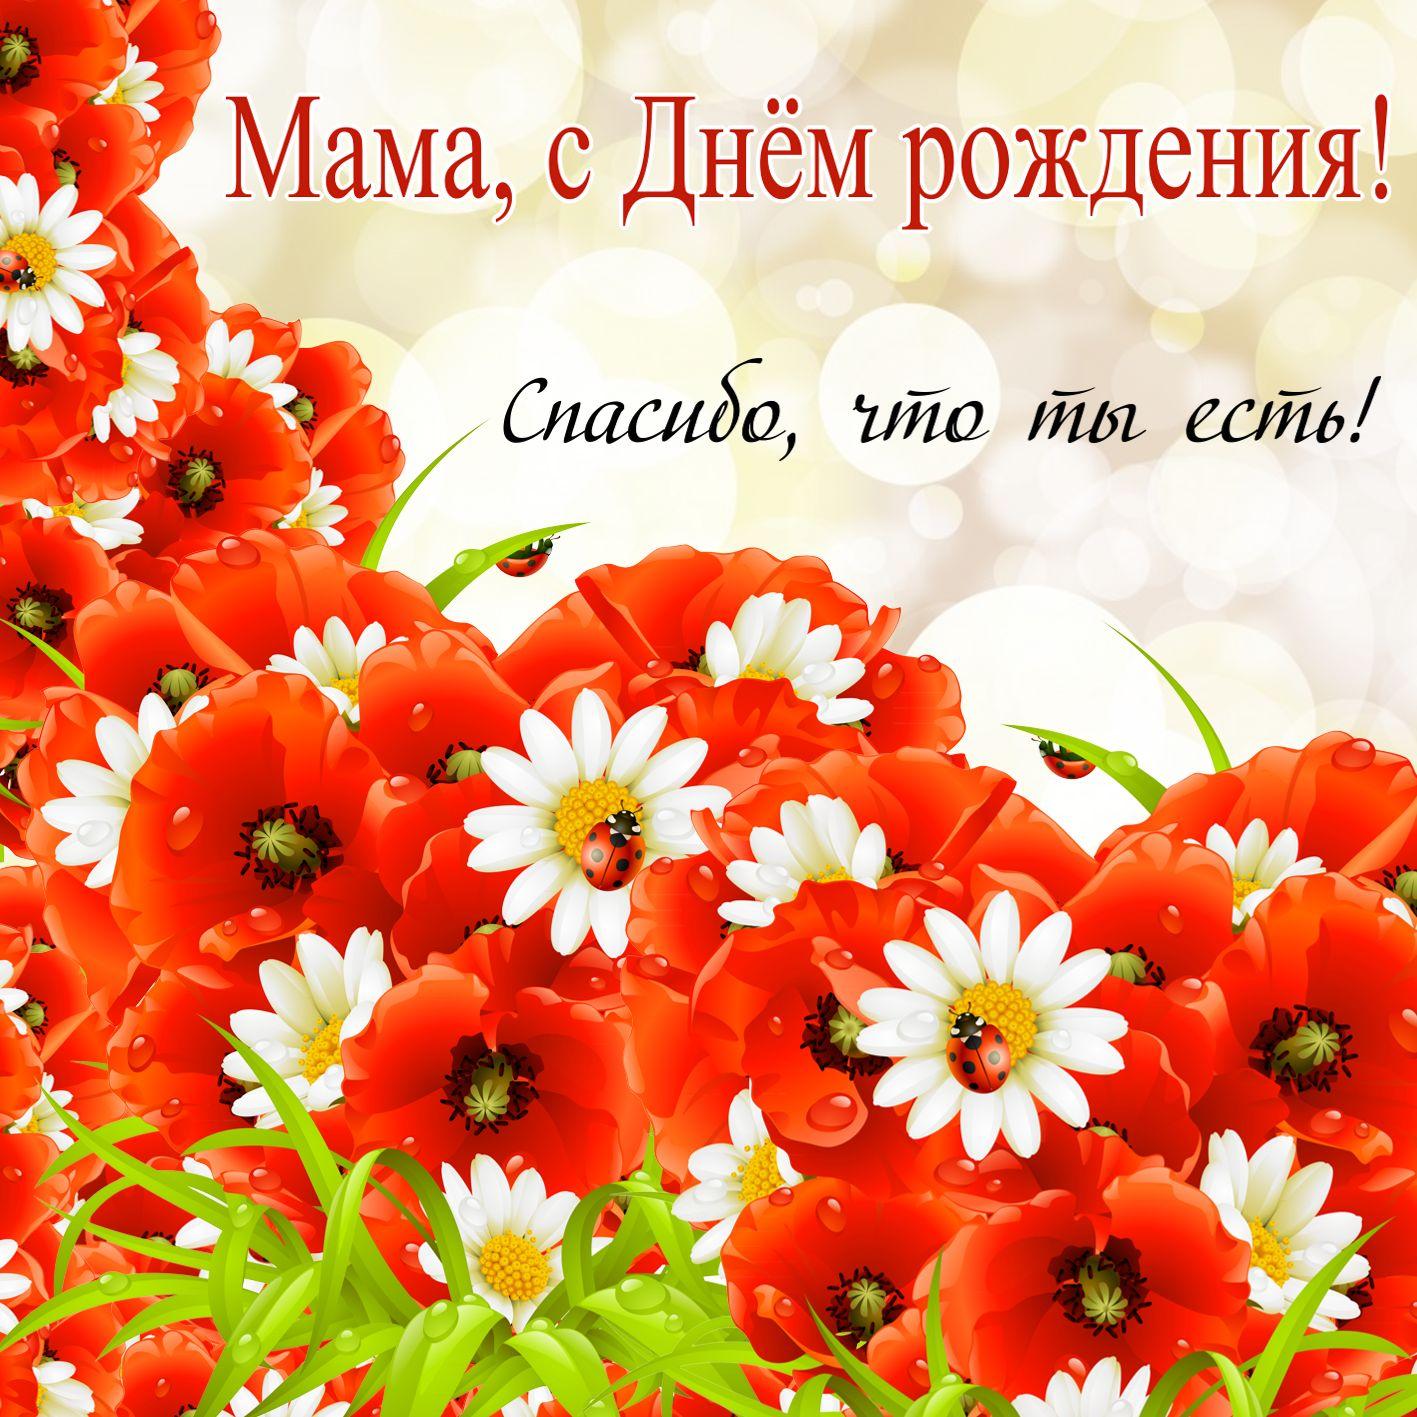 Поздравления сднем рождения маму